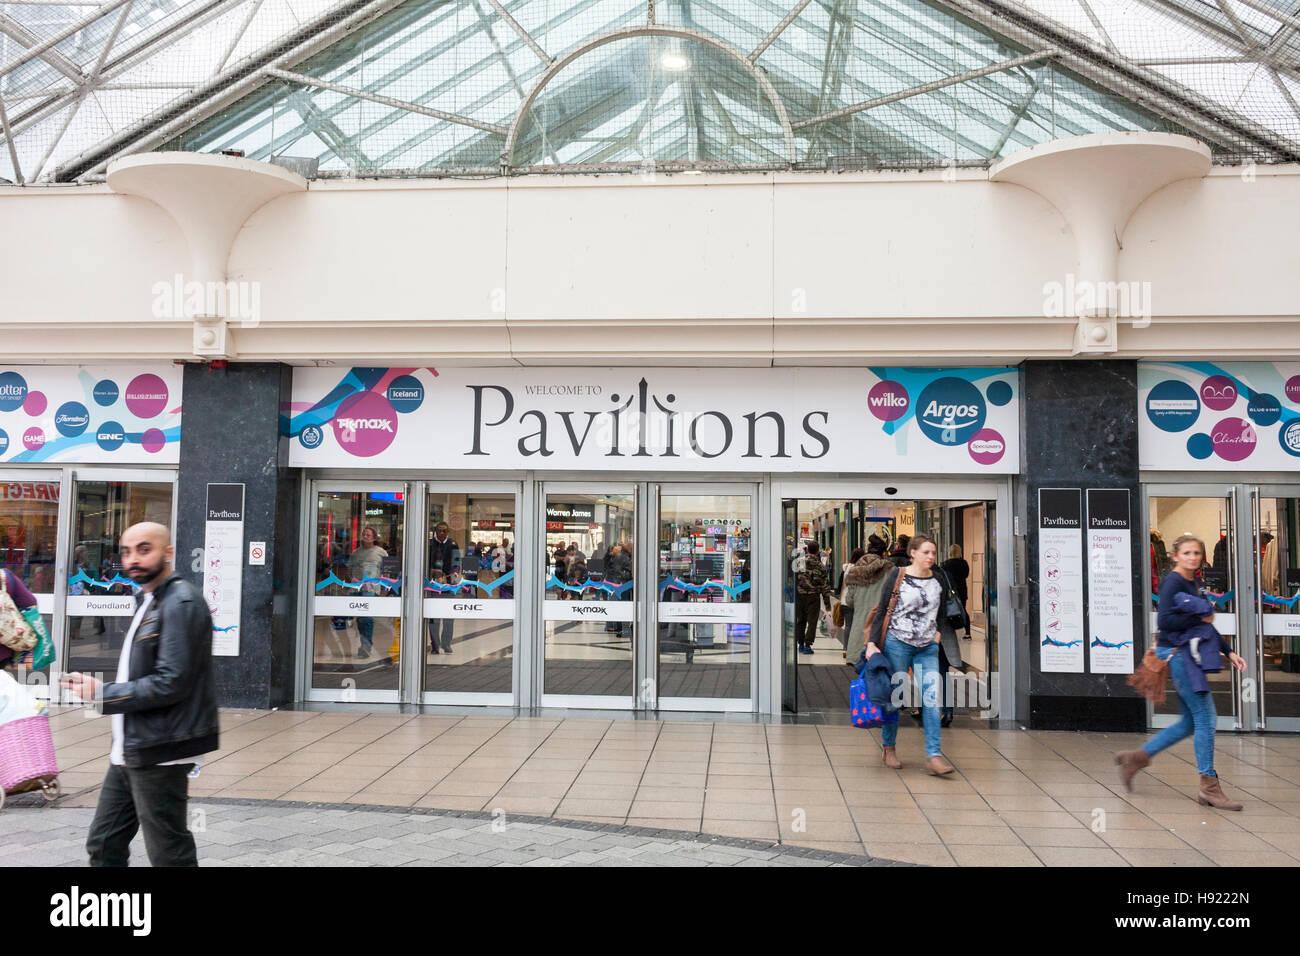 Entrance to the Pavilions Shopping Centre, Uxbridge, Hillingdon, Greater London, UK - Stock Image